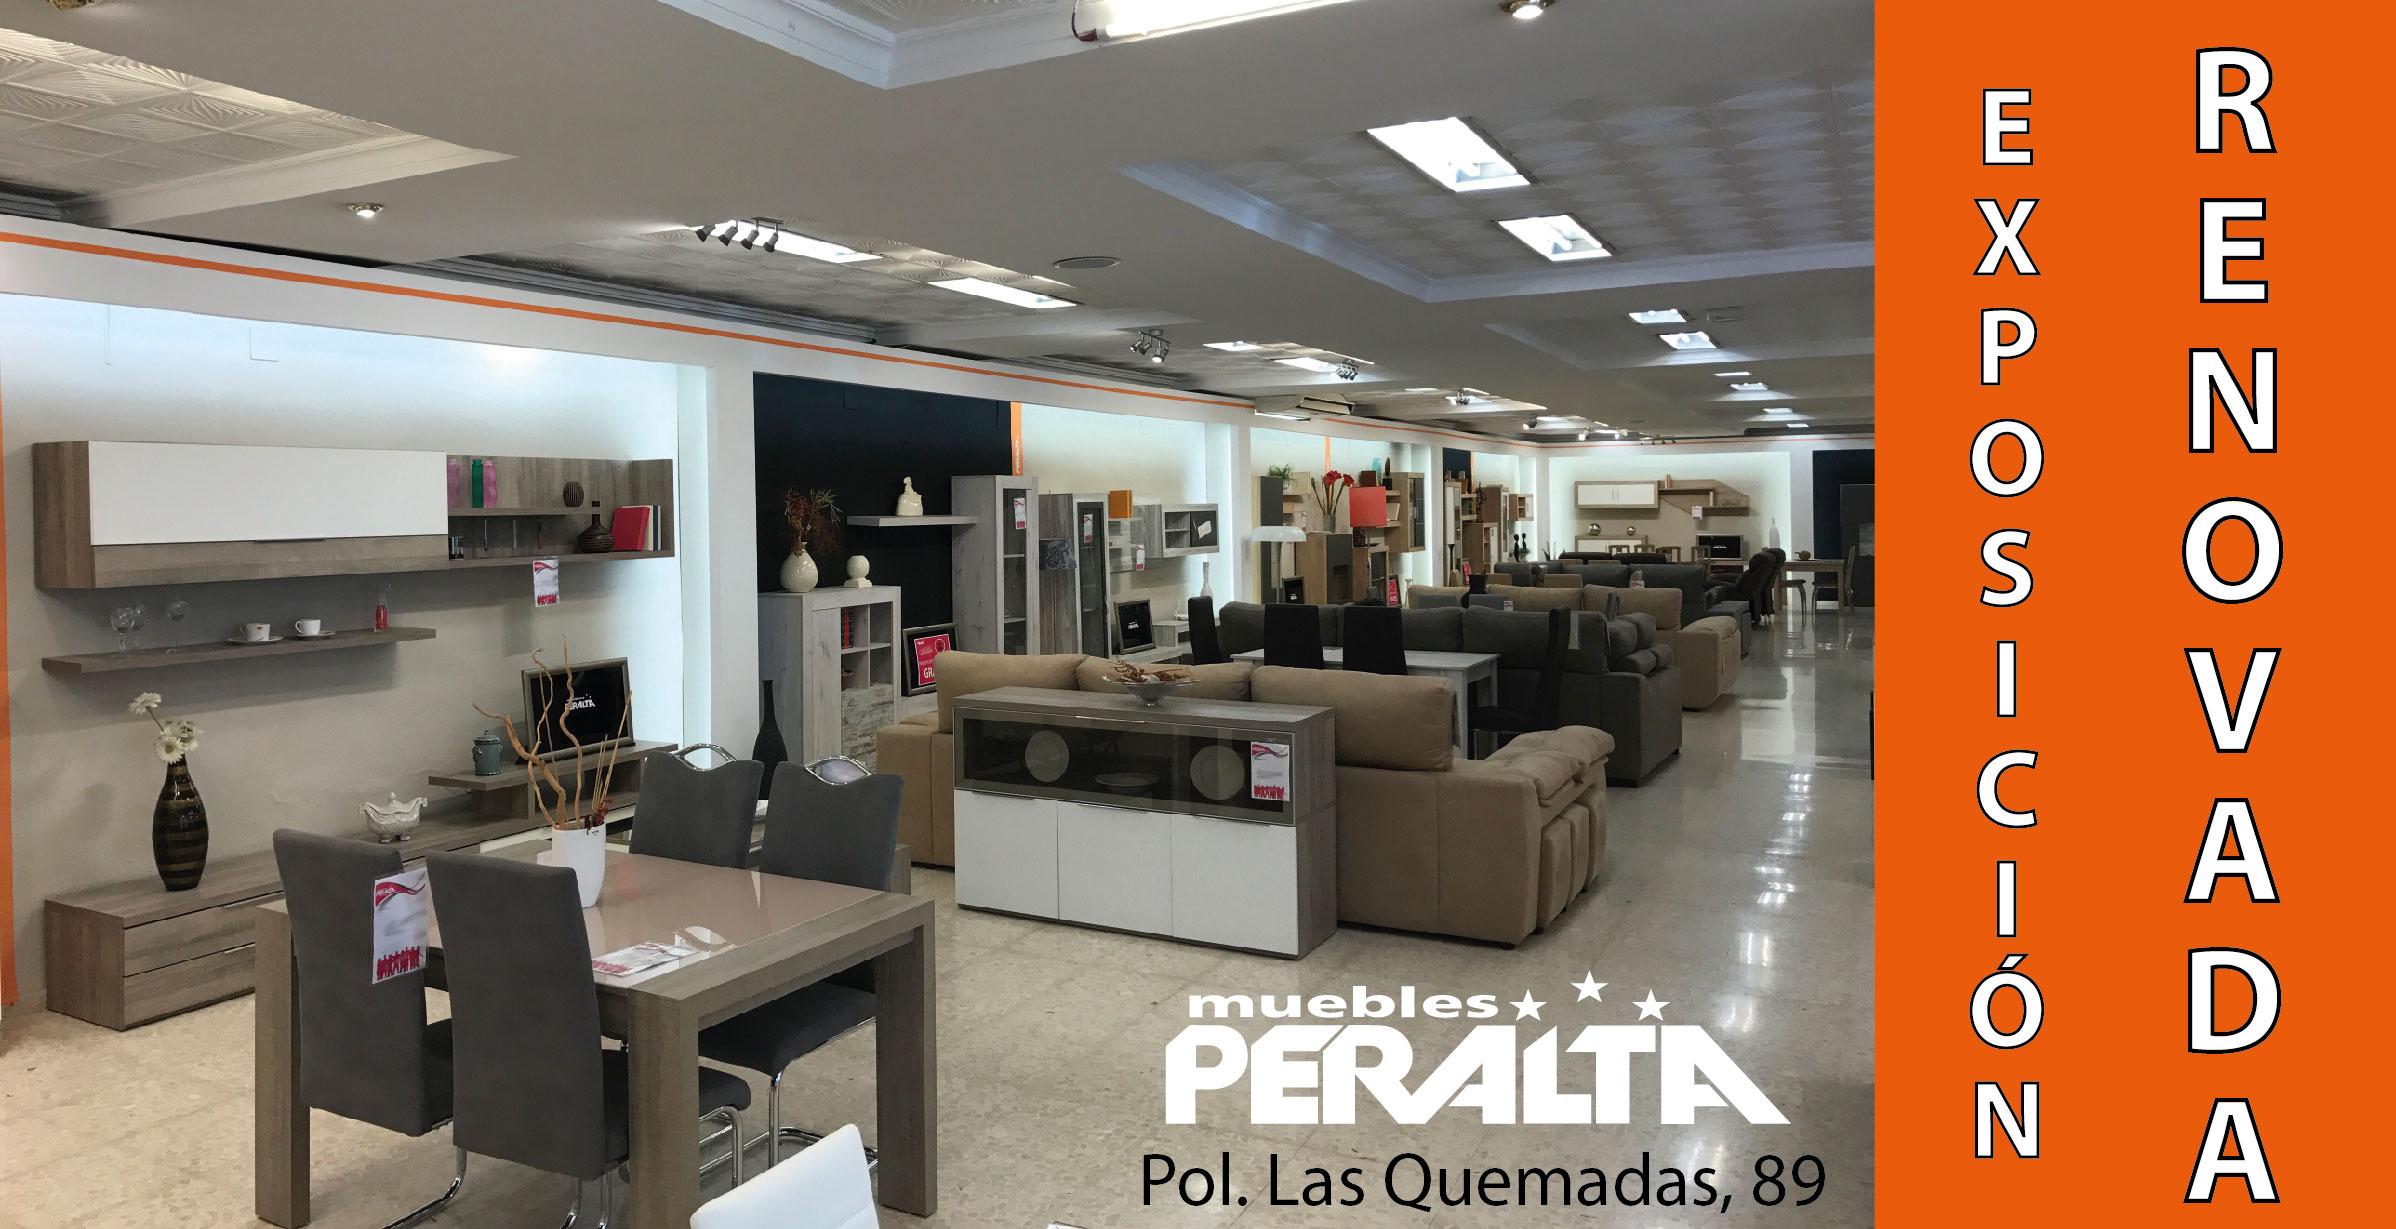 Muebles Peralta - Muebles San Fernando Cadiz Perfect Venta De Vargas En San [mjhdah]http://www.roomsdecocinobra.es/images/proyectos/roomsdecocinobra-02-salones-peralta-15720-000000156199.jpg